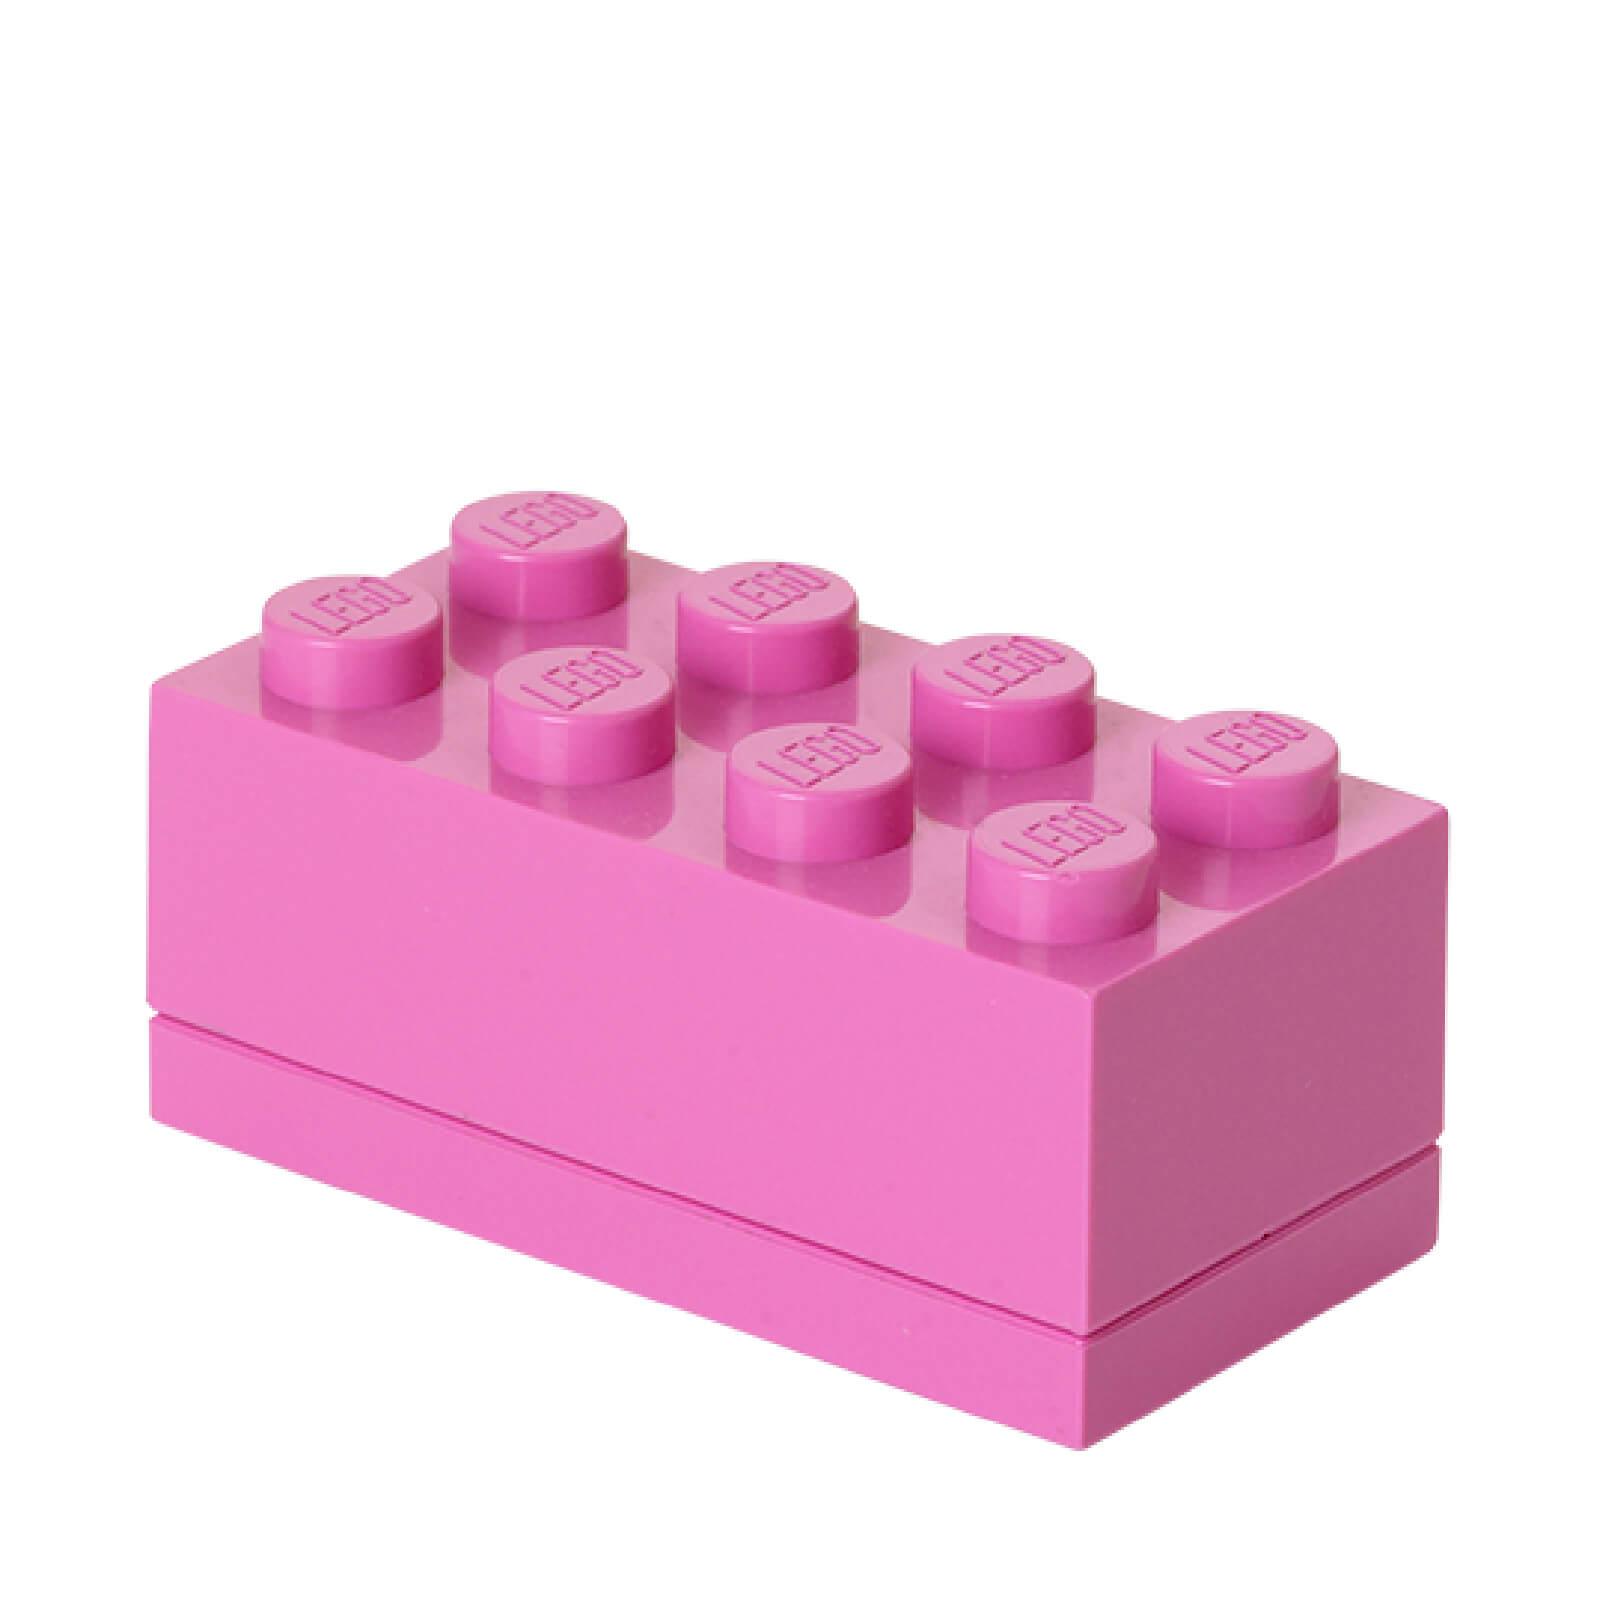 Lego Mini Box 8 - Bright Purple